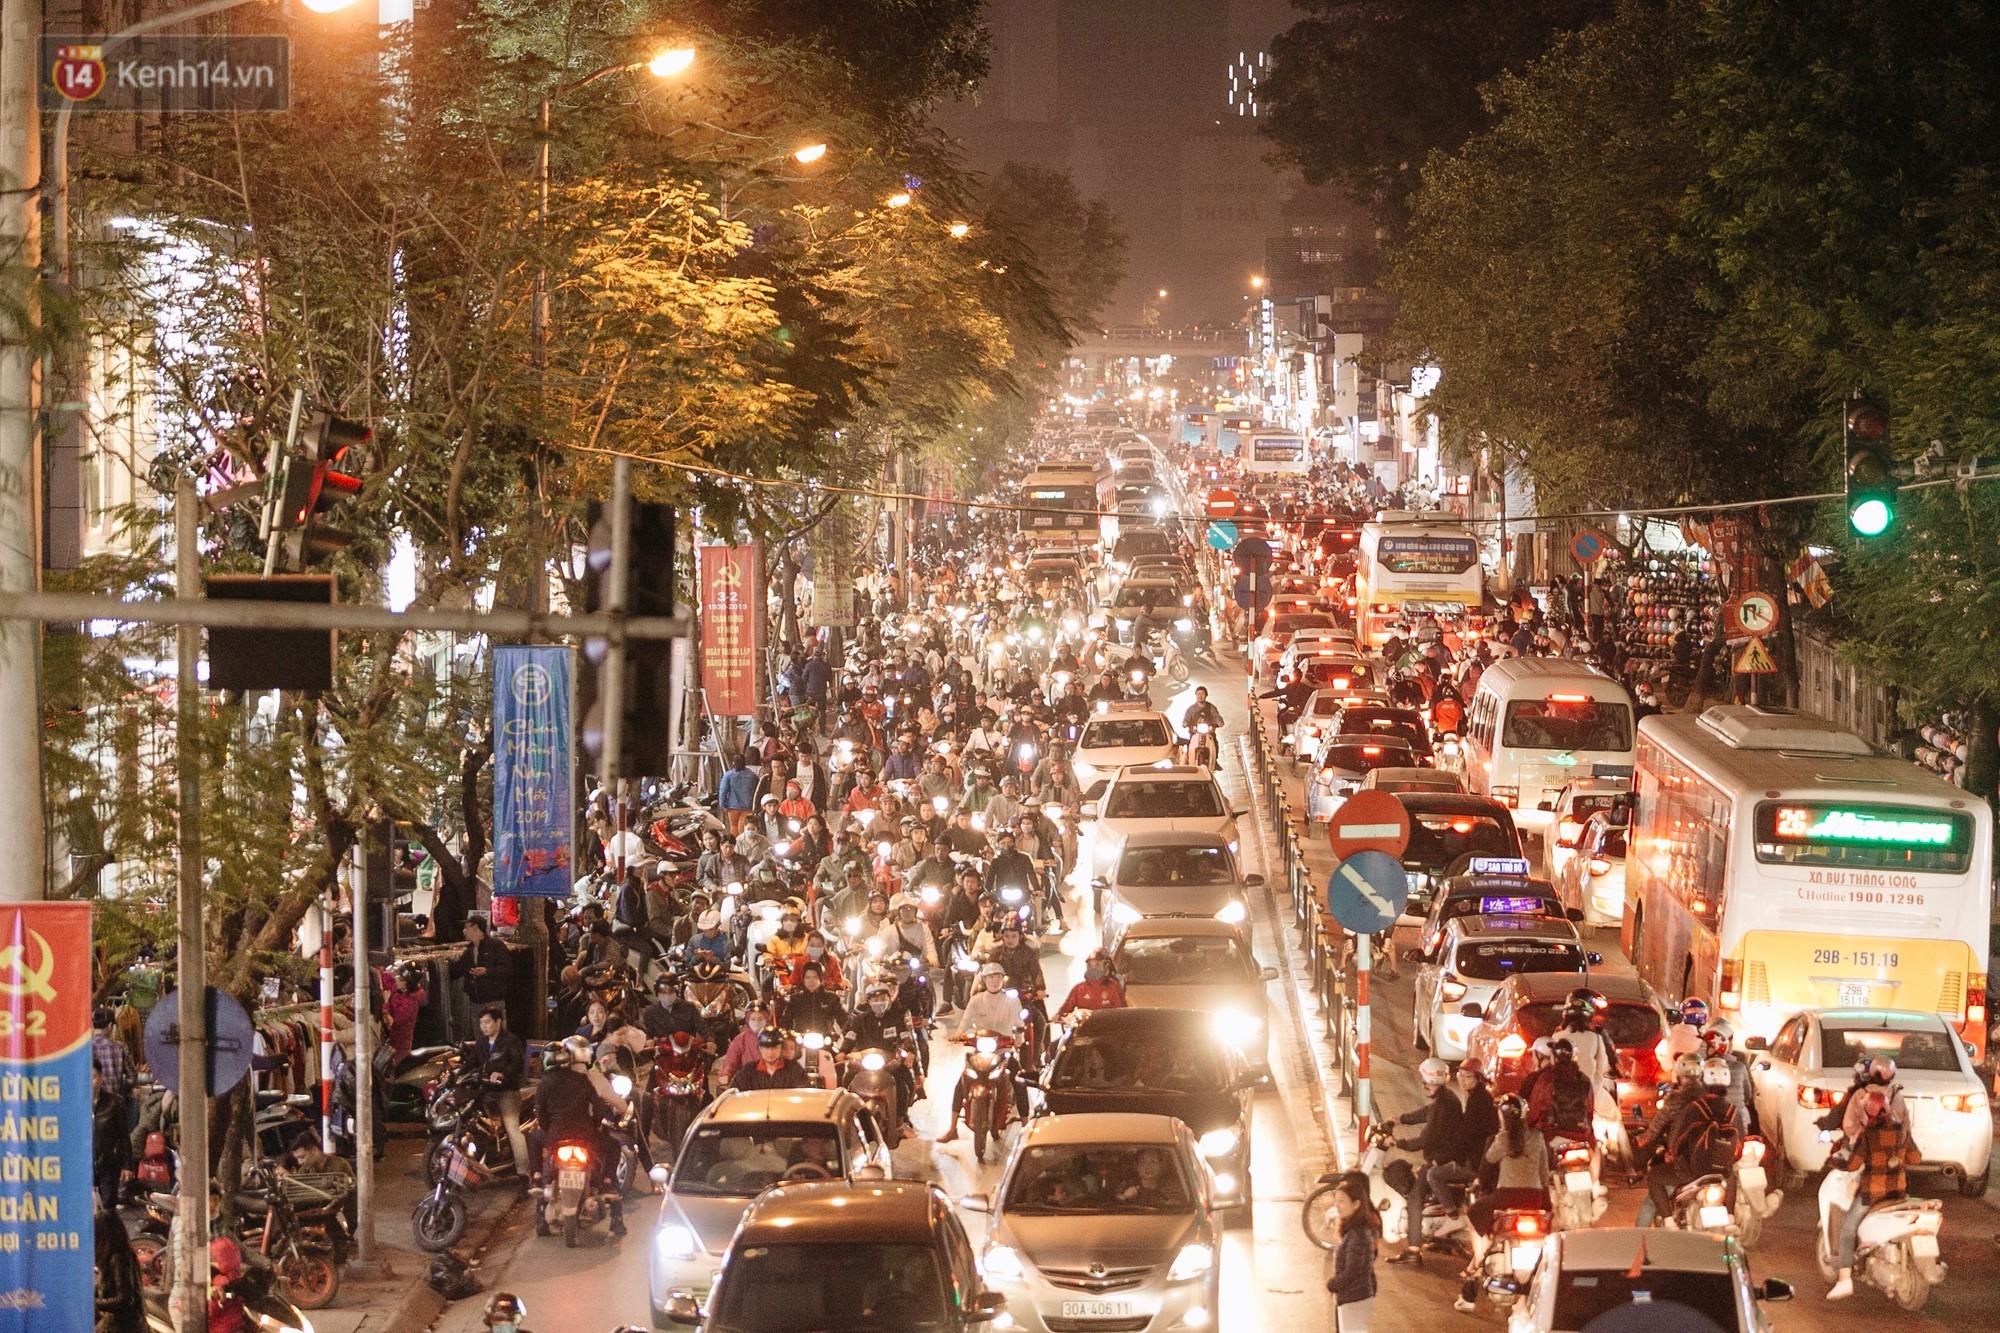 Vỉa hè Hà Nội trở thành chợ thời trang, trẻ em ngồi thùng xếp phụ bố mẹ bán hàng ngày cận Tết - Ảnh 1.